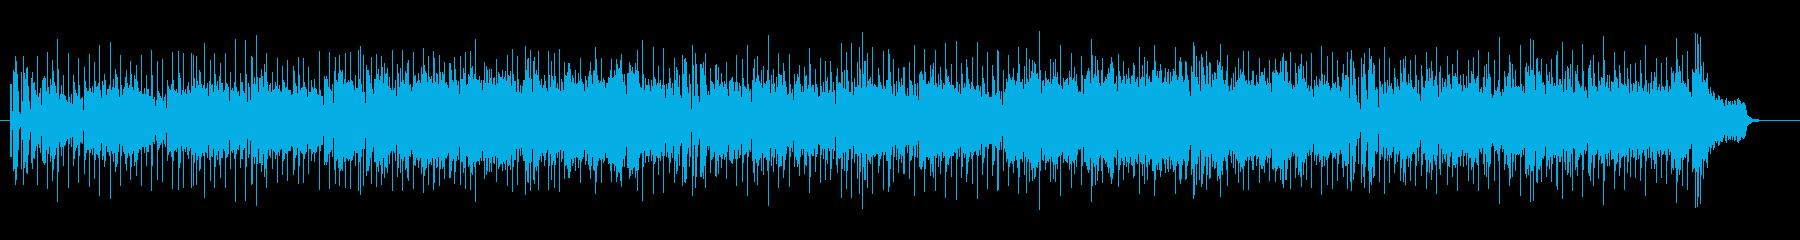 さわやかな歌謡曲風の再生済みの波形